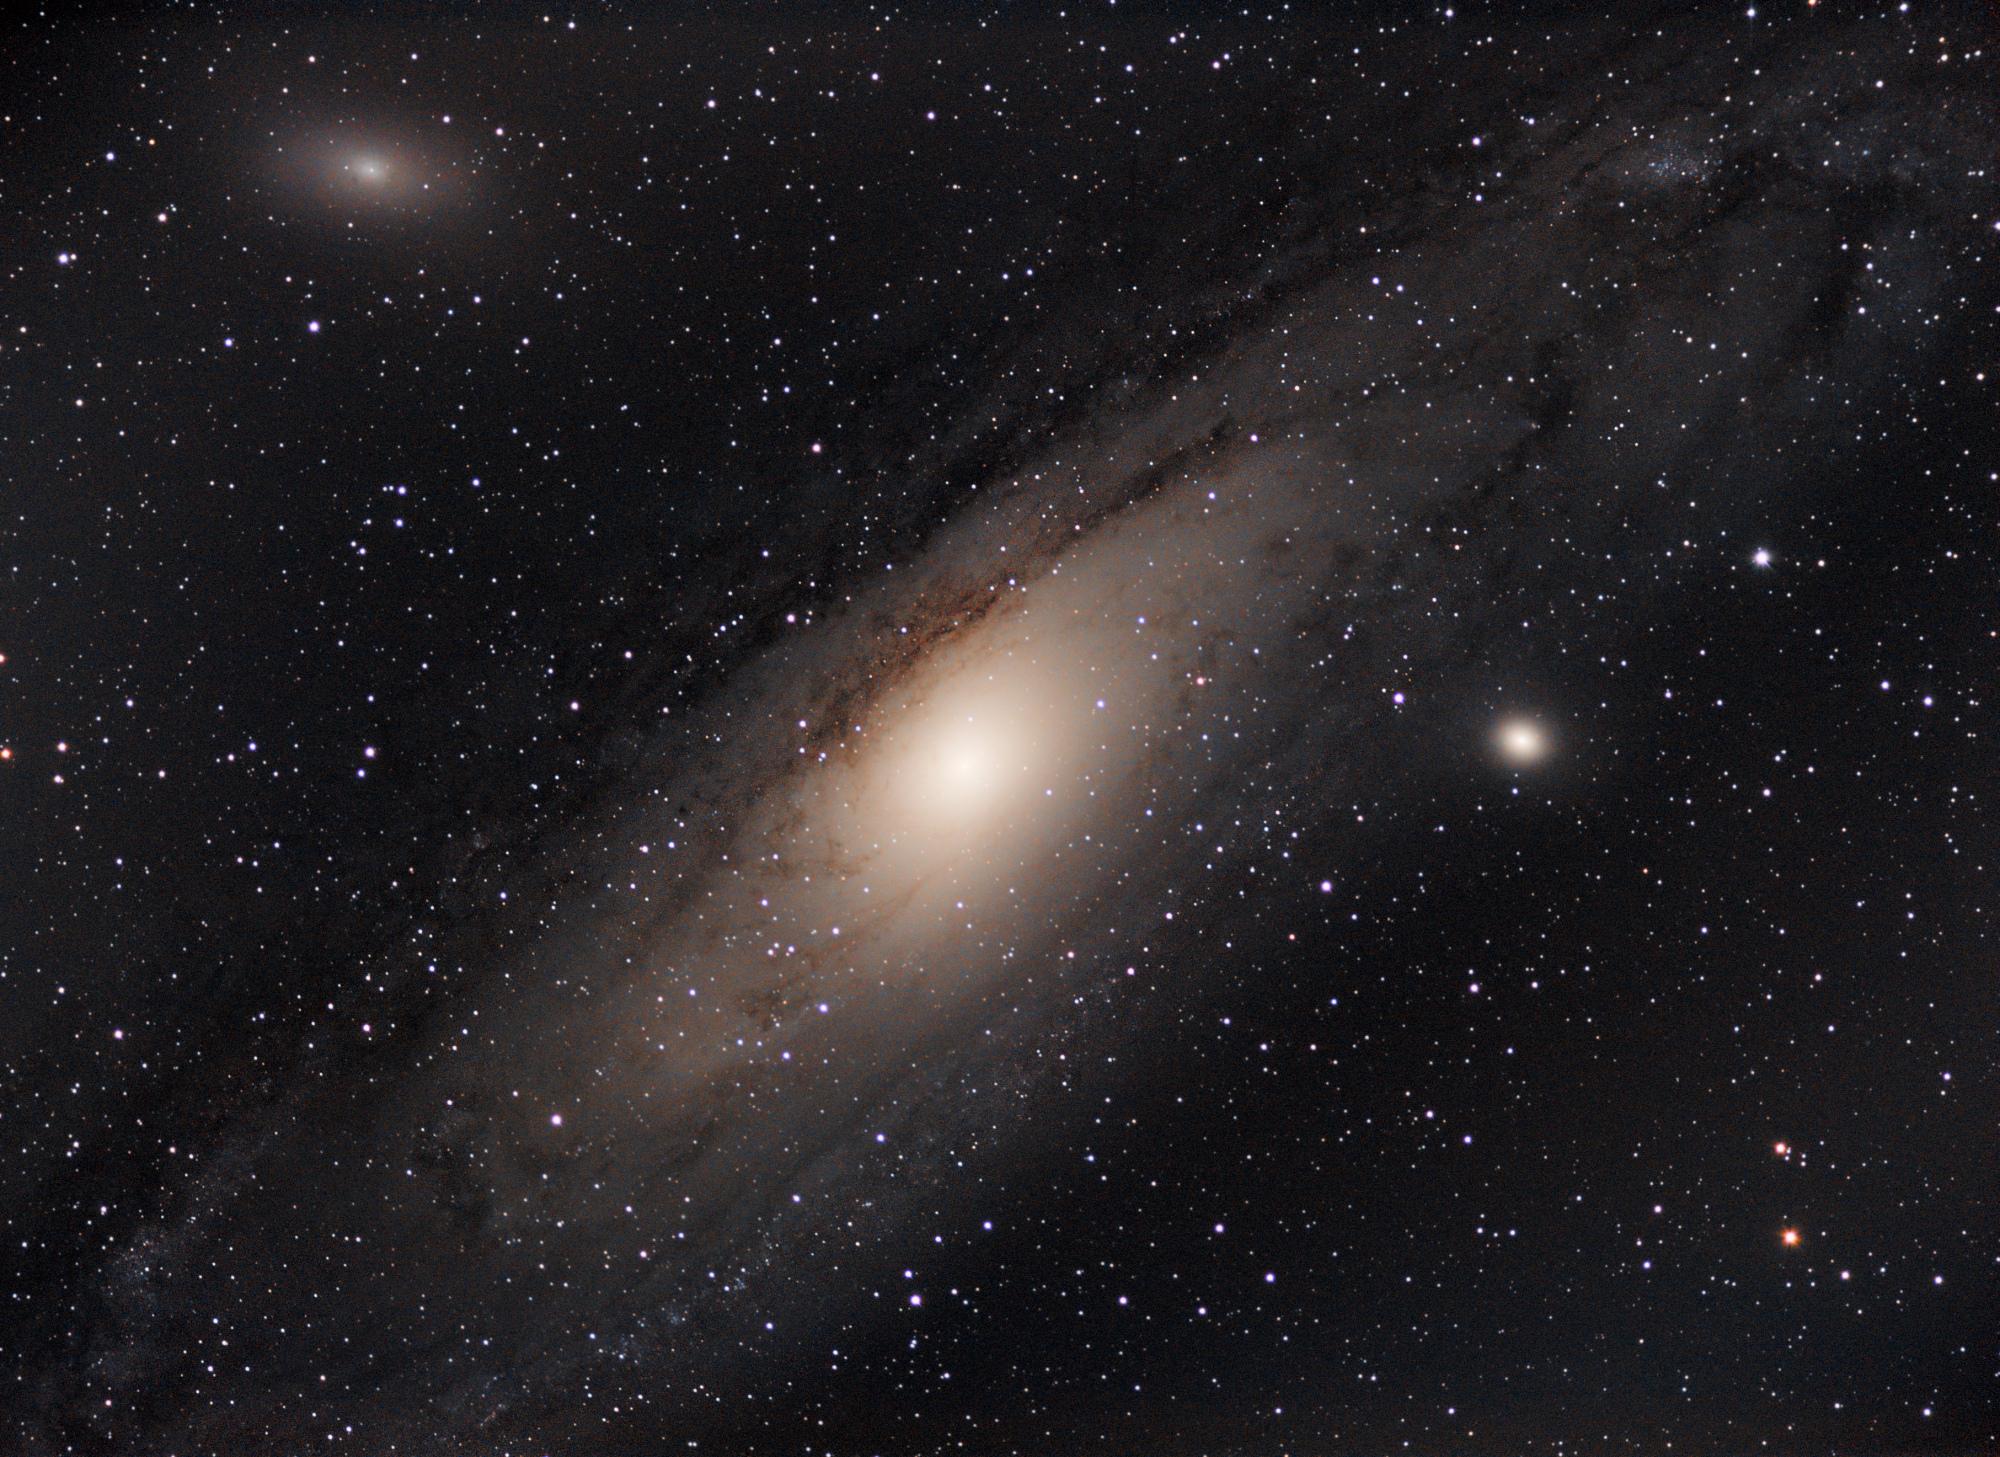 M31_10.thumb.jpg.8bff69123e58e3e200a8354a01c94f2f.jpg